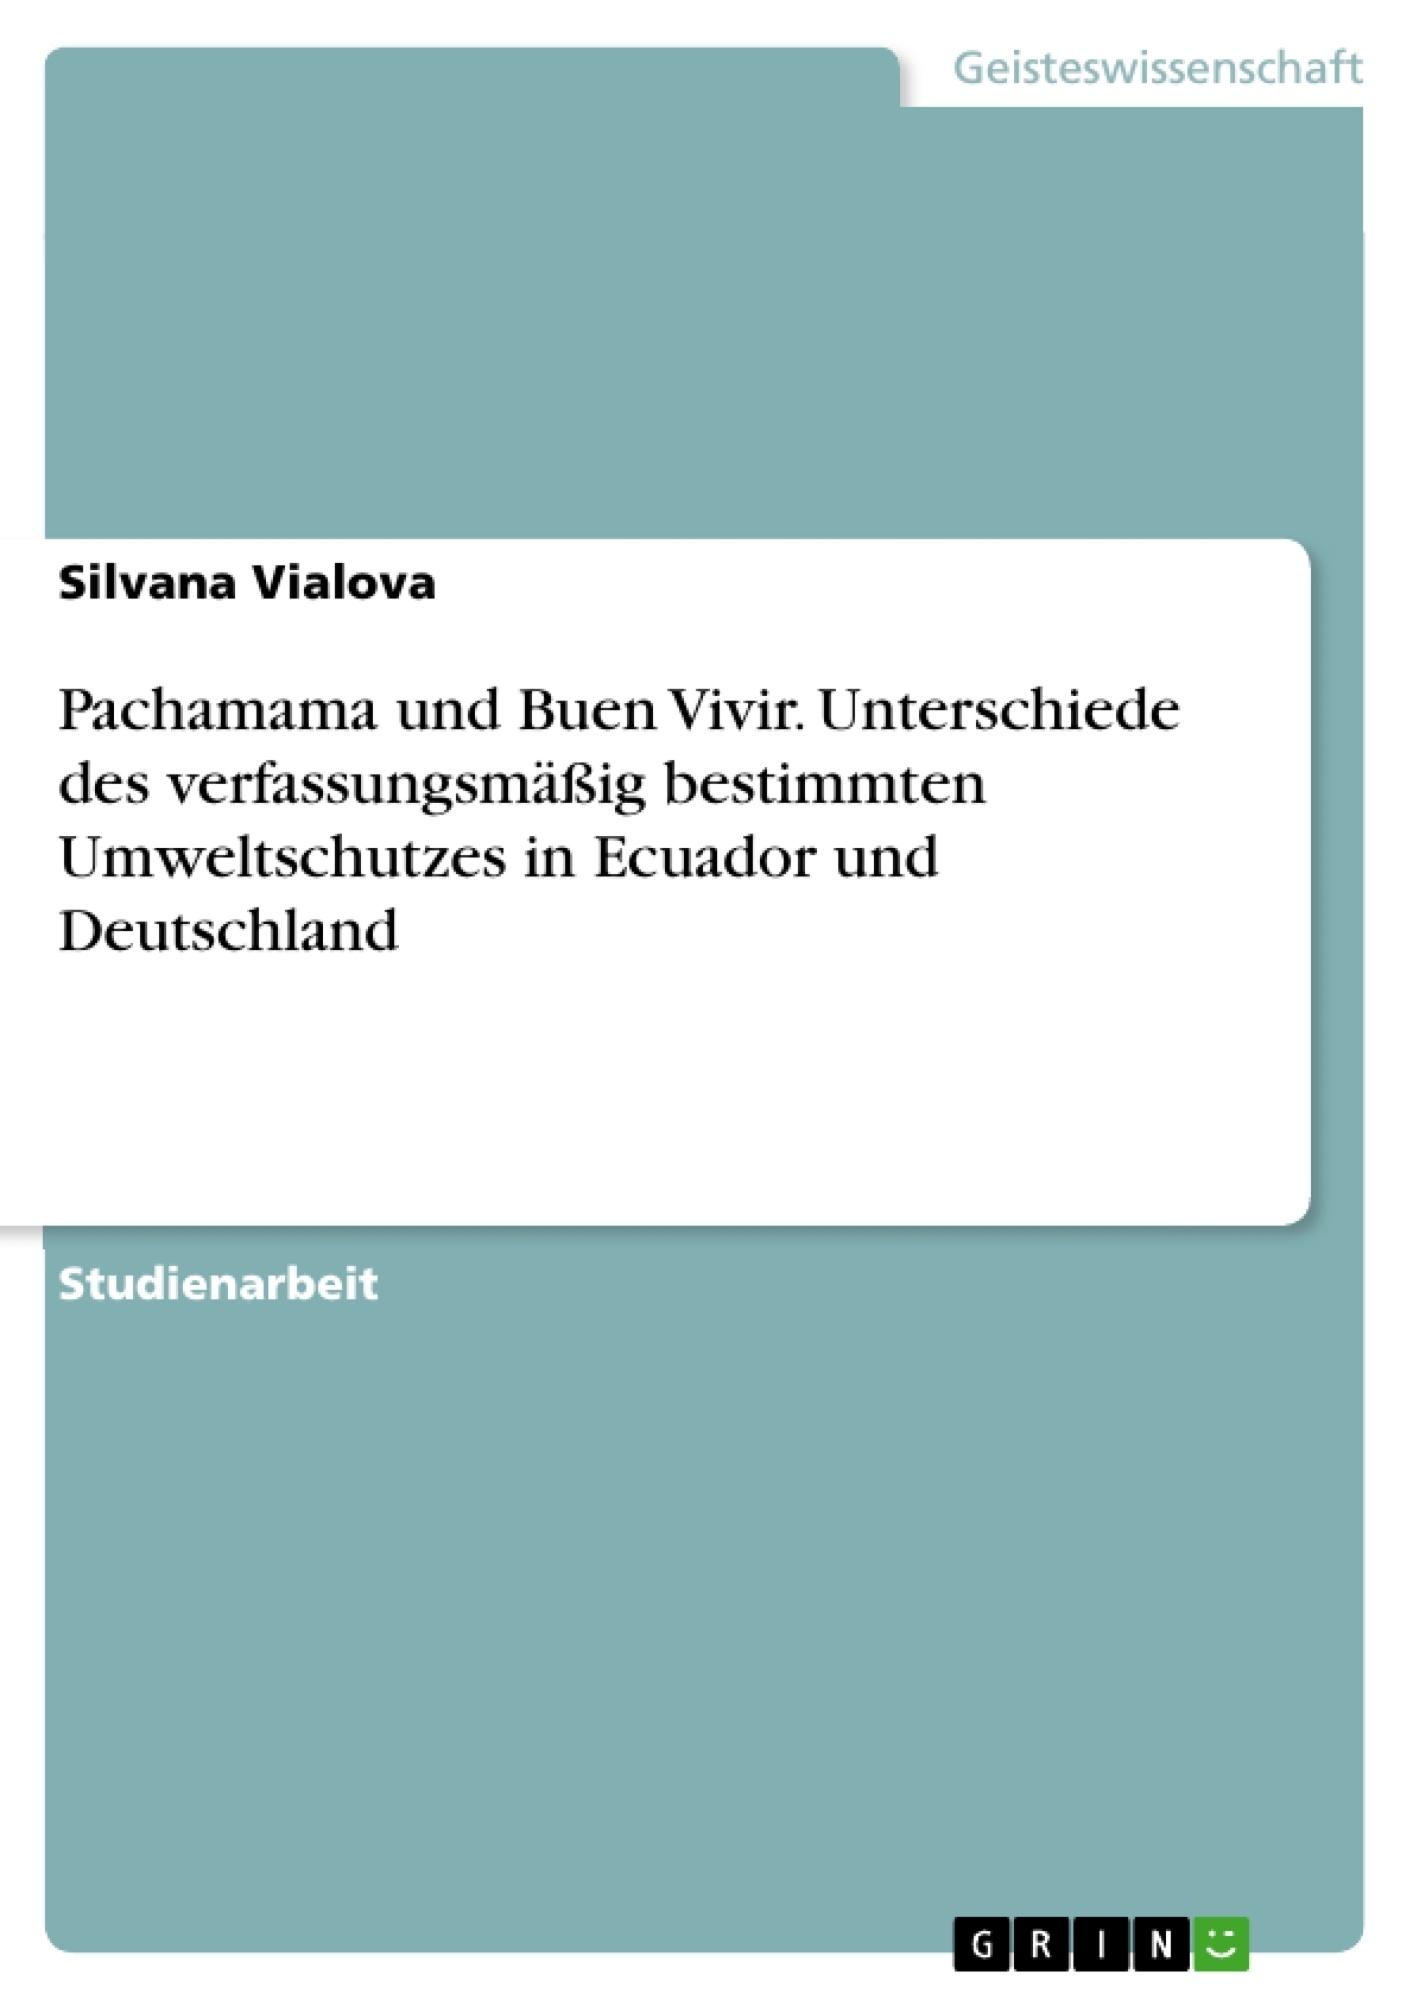 Titel: Pachamama und Buen Vivir. Unterschiede des verfassungsmäßig bestimmten Umweltschutzes in Ecuador und Deutschland